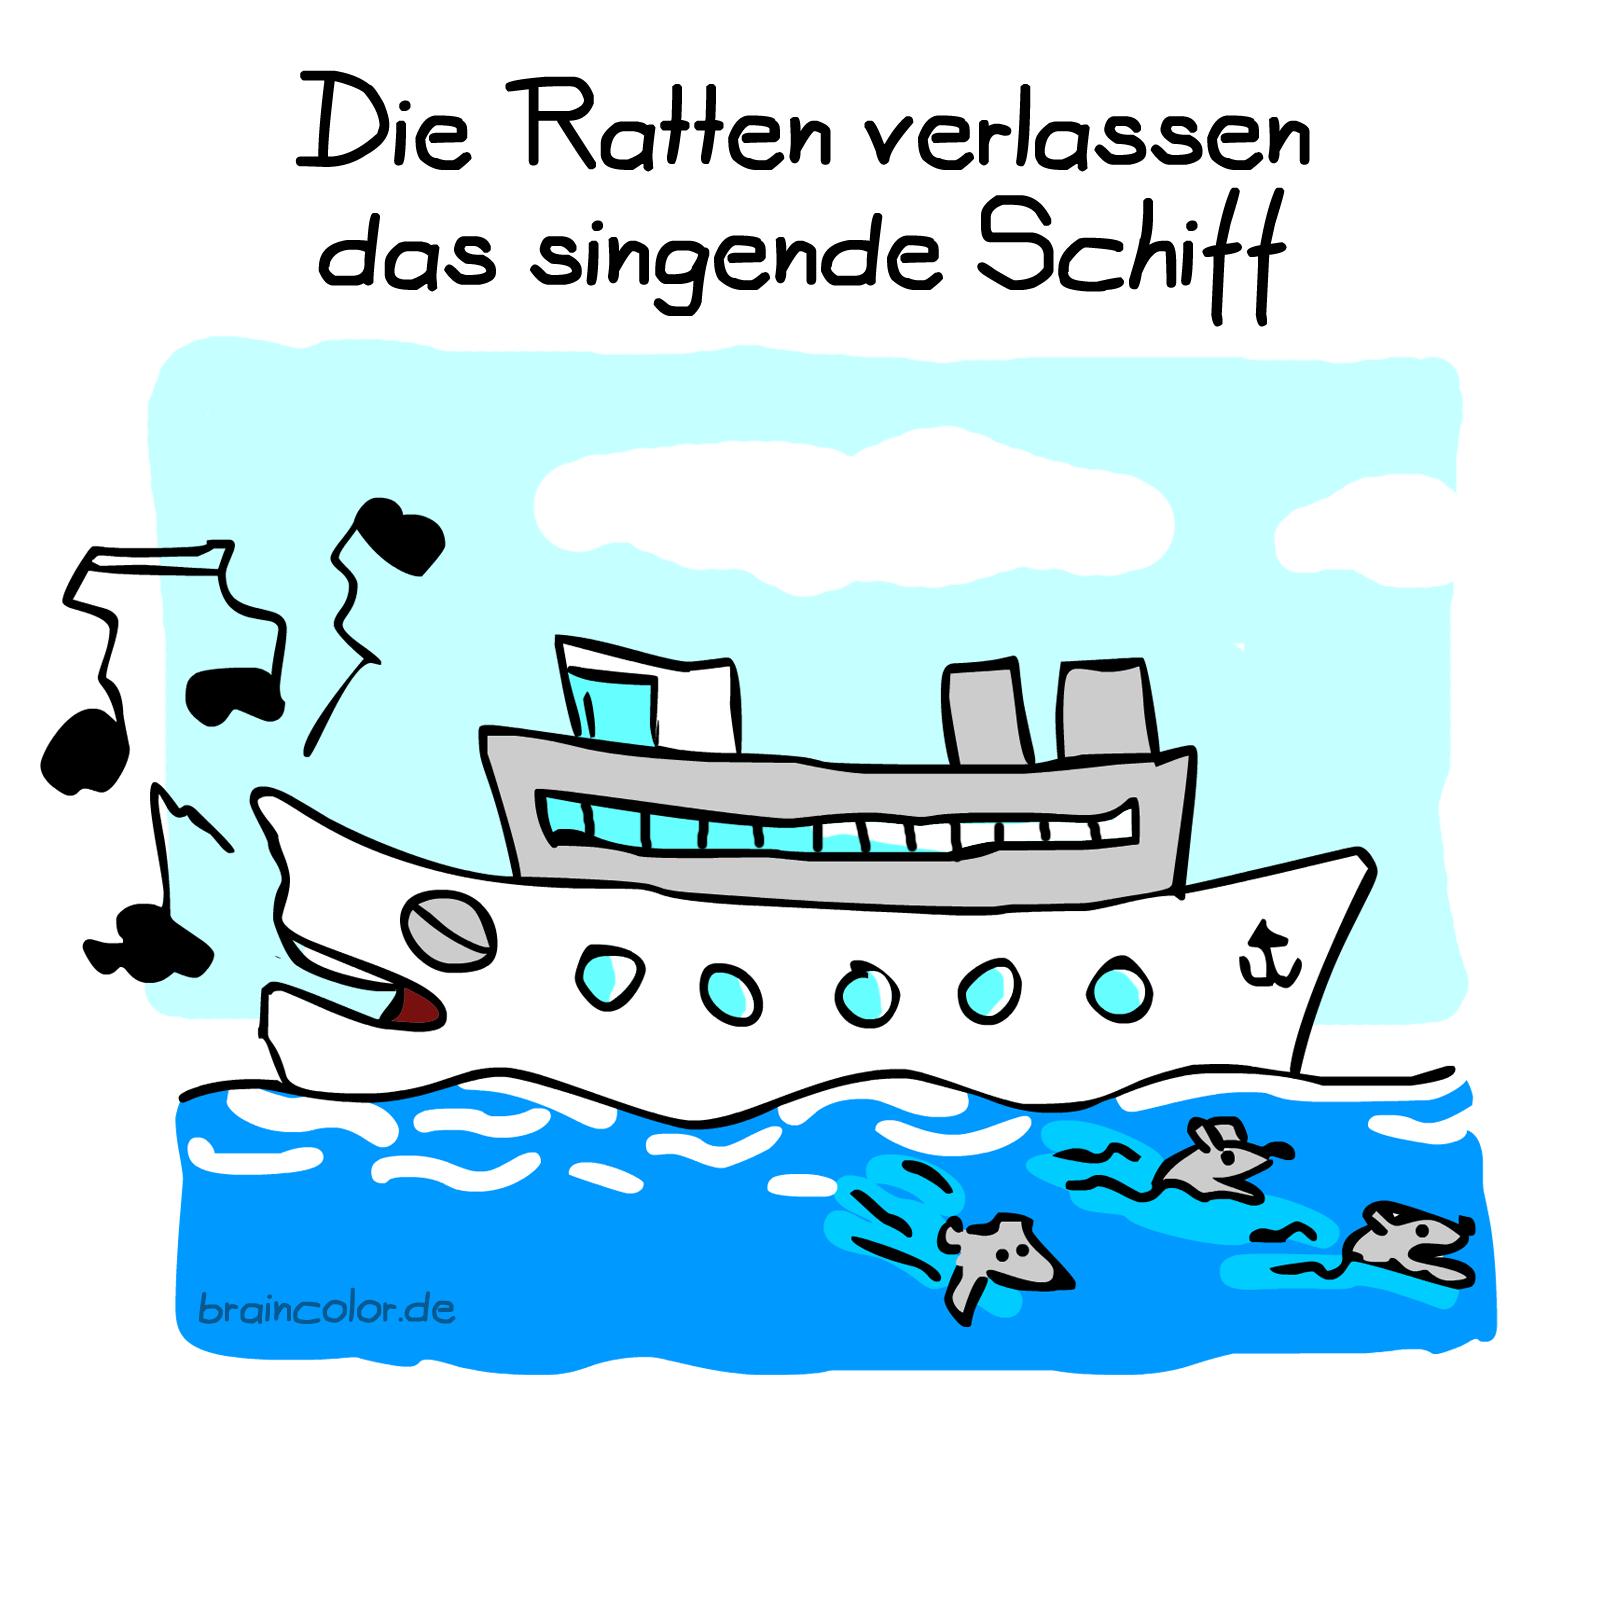 Das singende Schiff